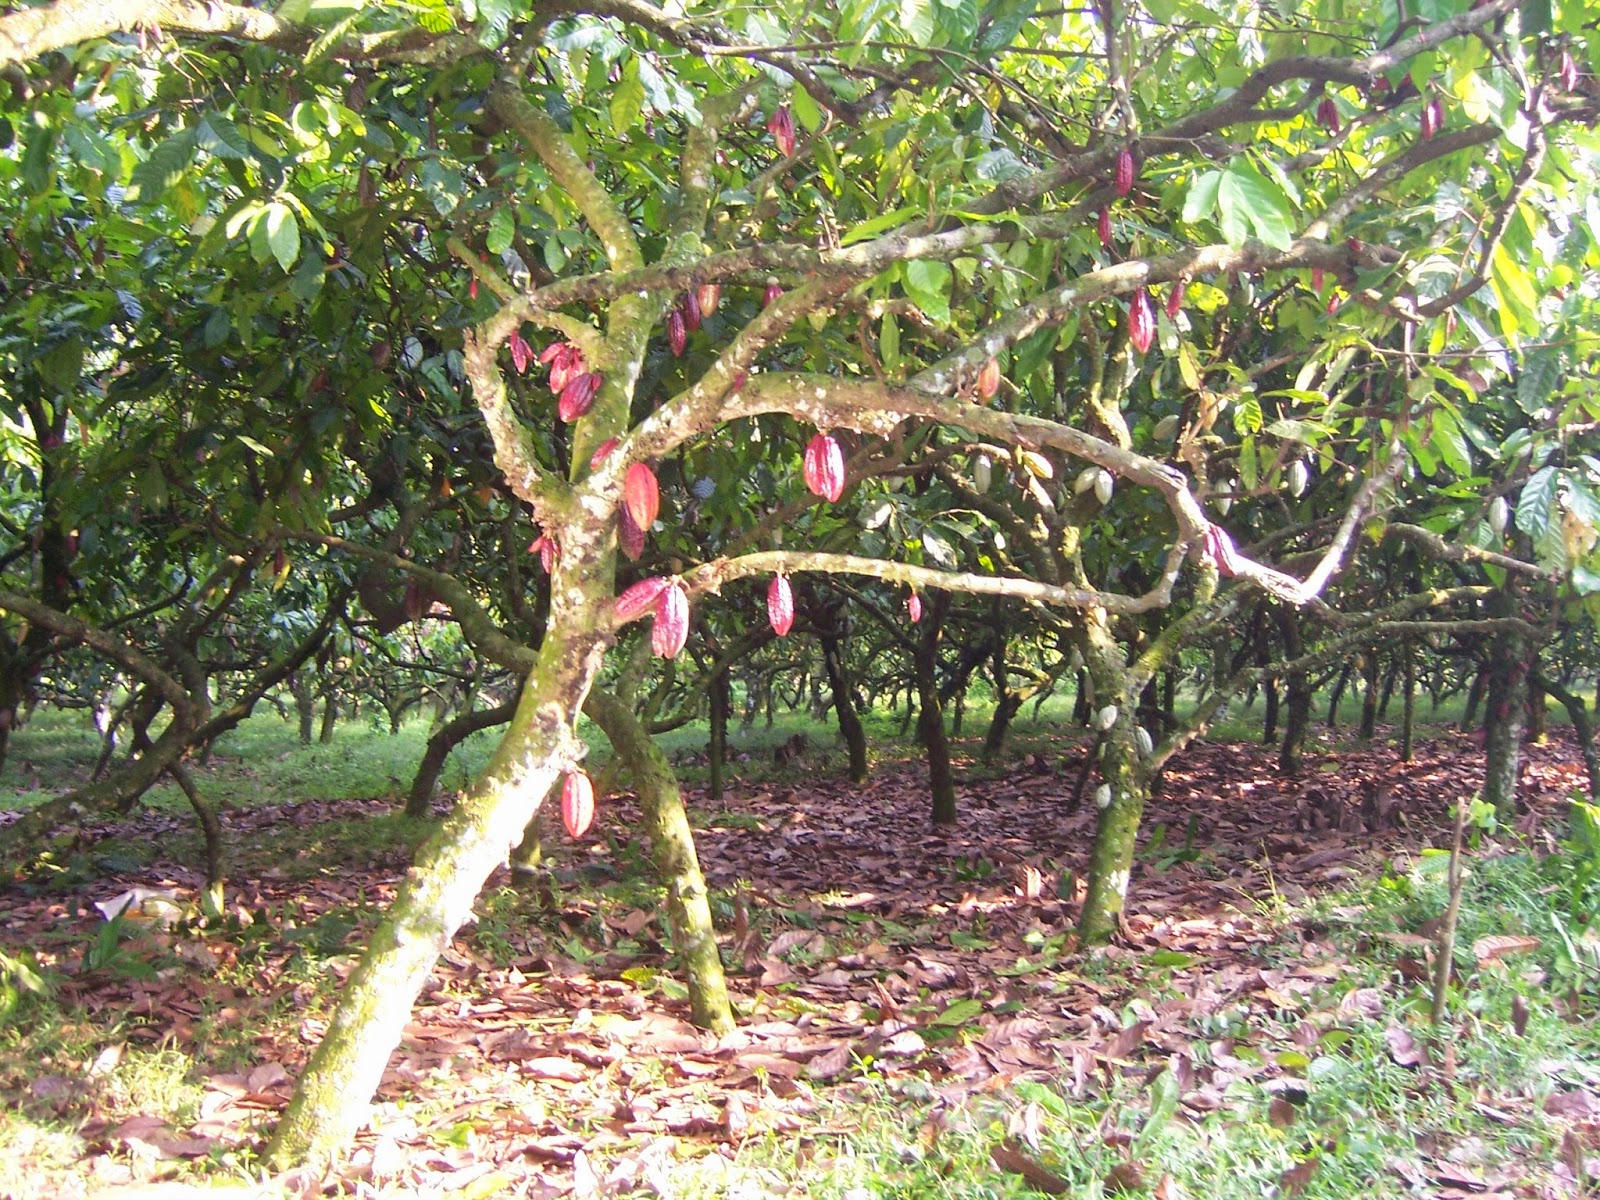 kakao, tanaman perkebunan, buah kakao, budidaya kakao